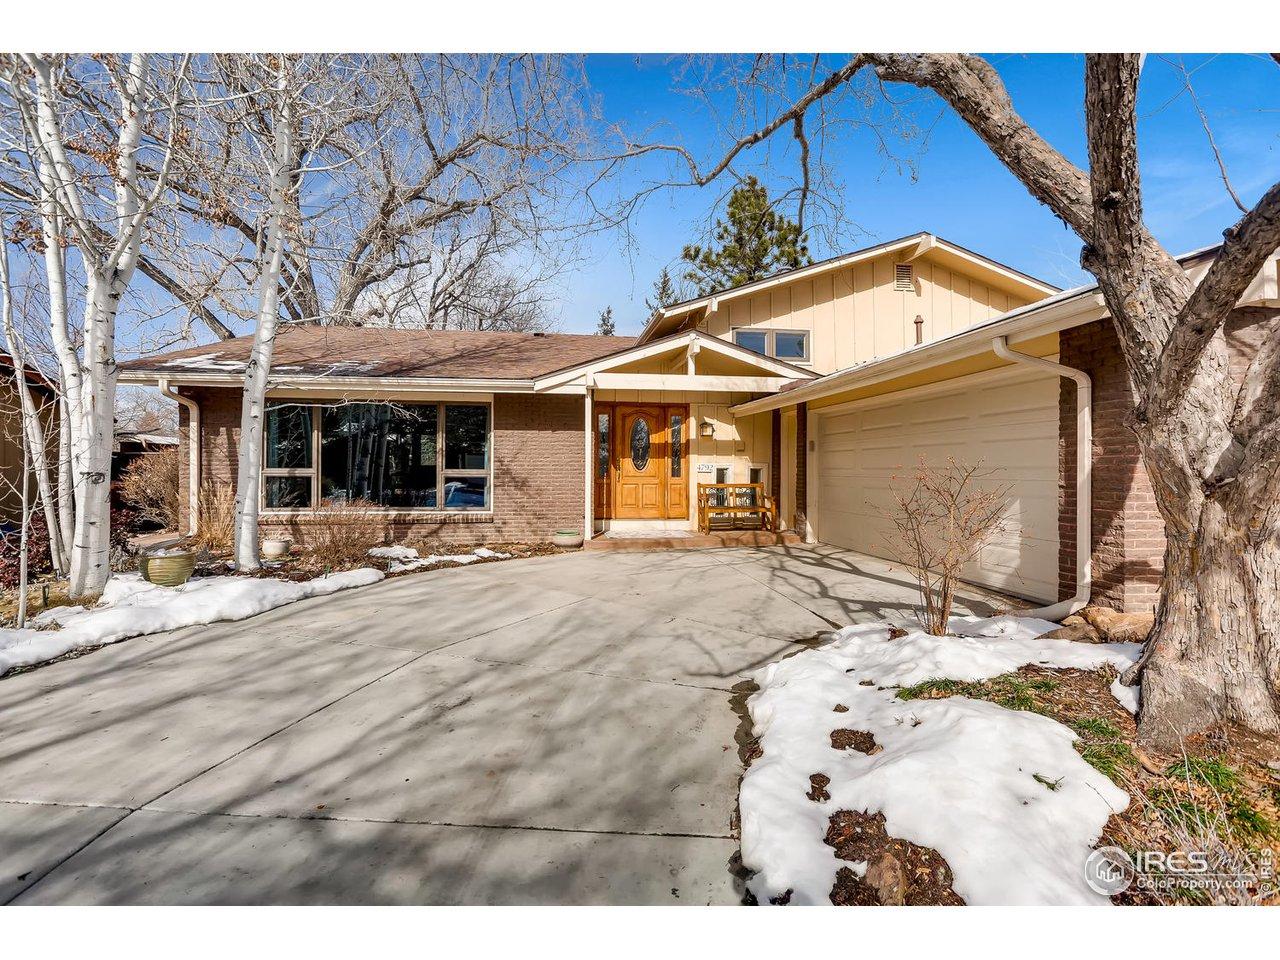 4792 Kellogg Cir, Boulder CO 80303